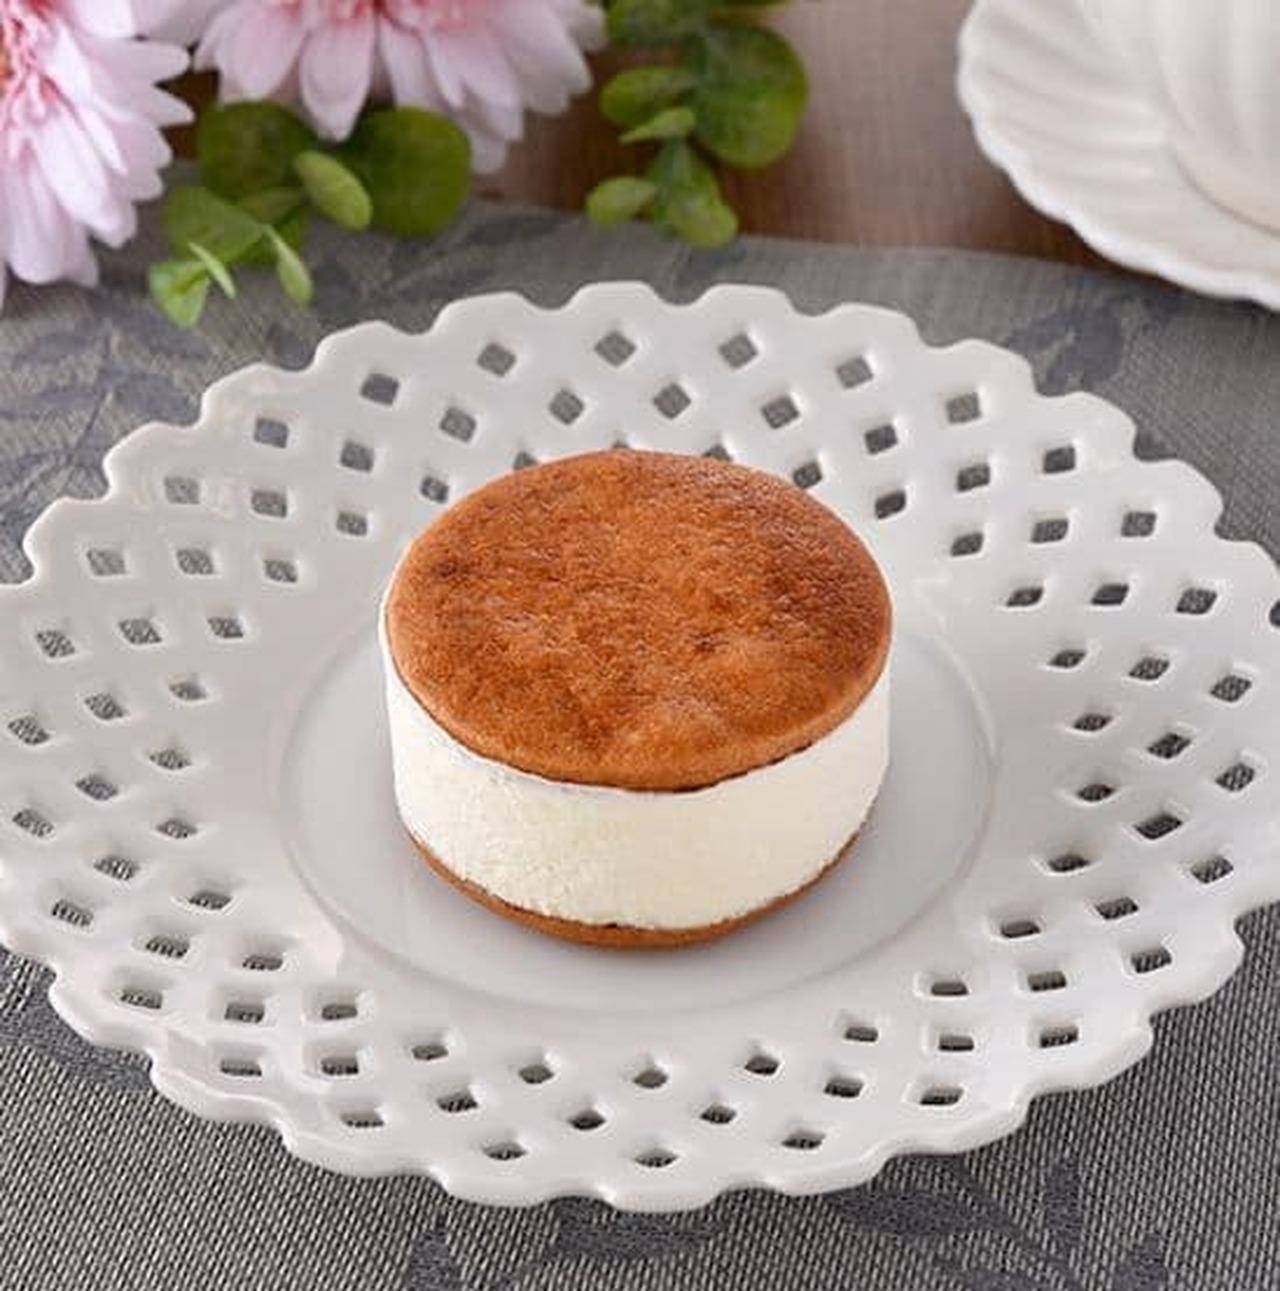 ファミリーマート「バタービスケットサンド チーズ」